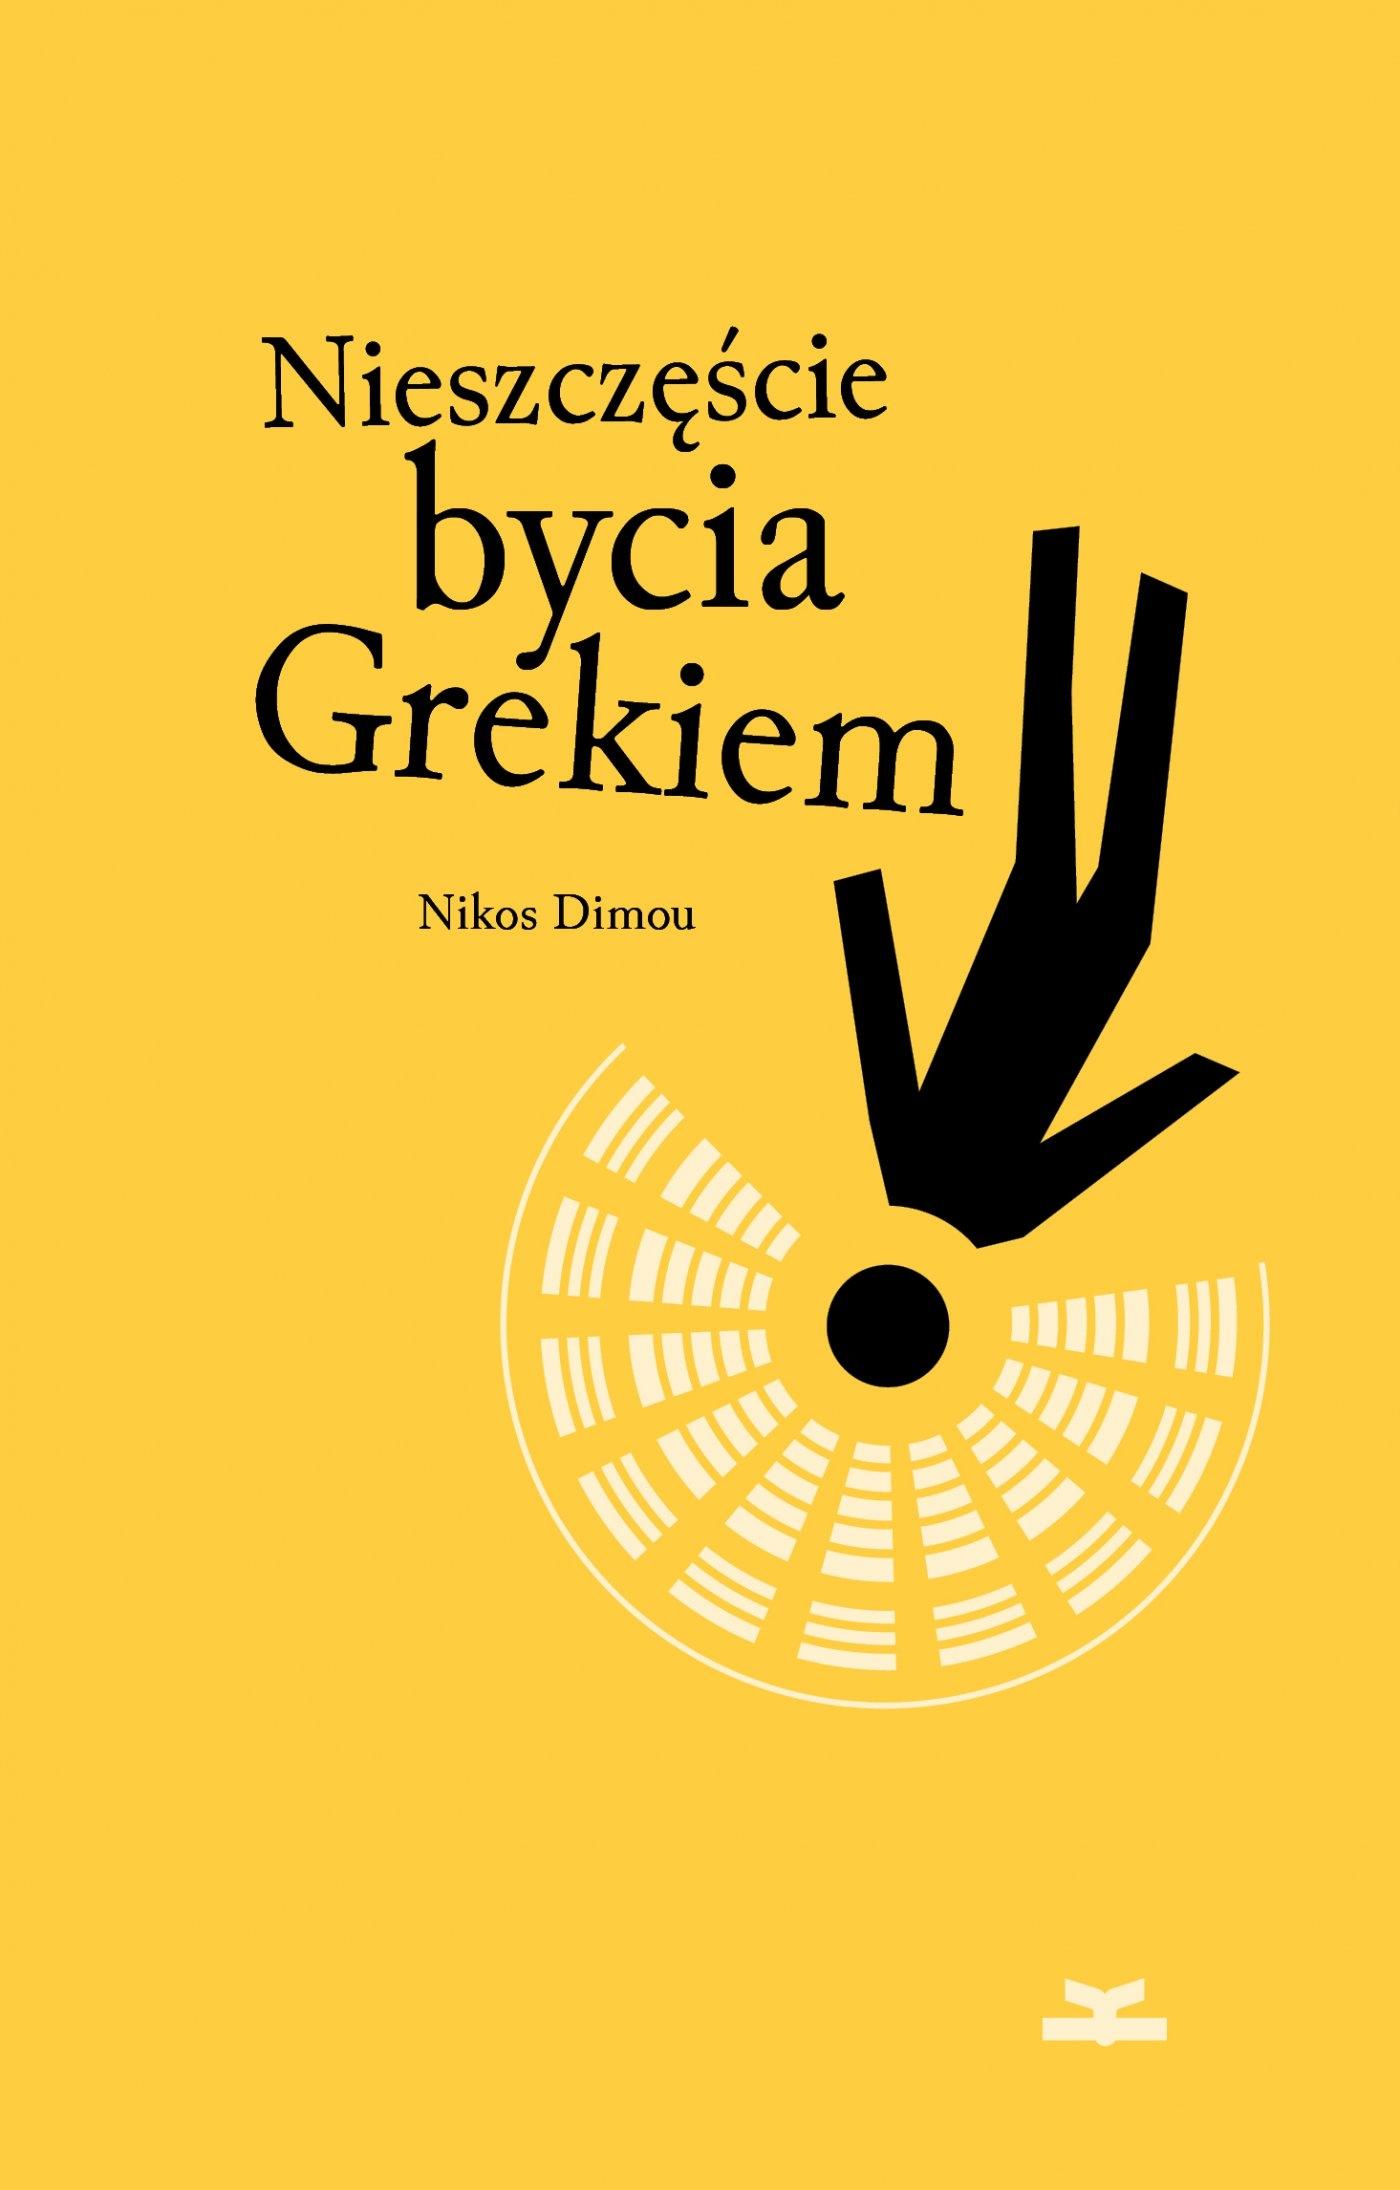 Nieszczęście bycia Grekiem Nikos Dimou